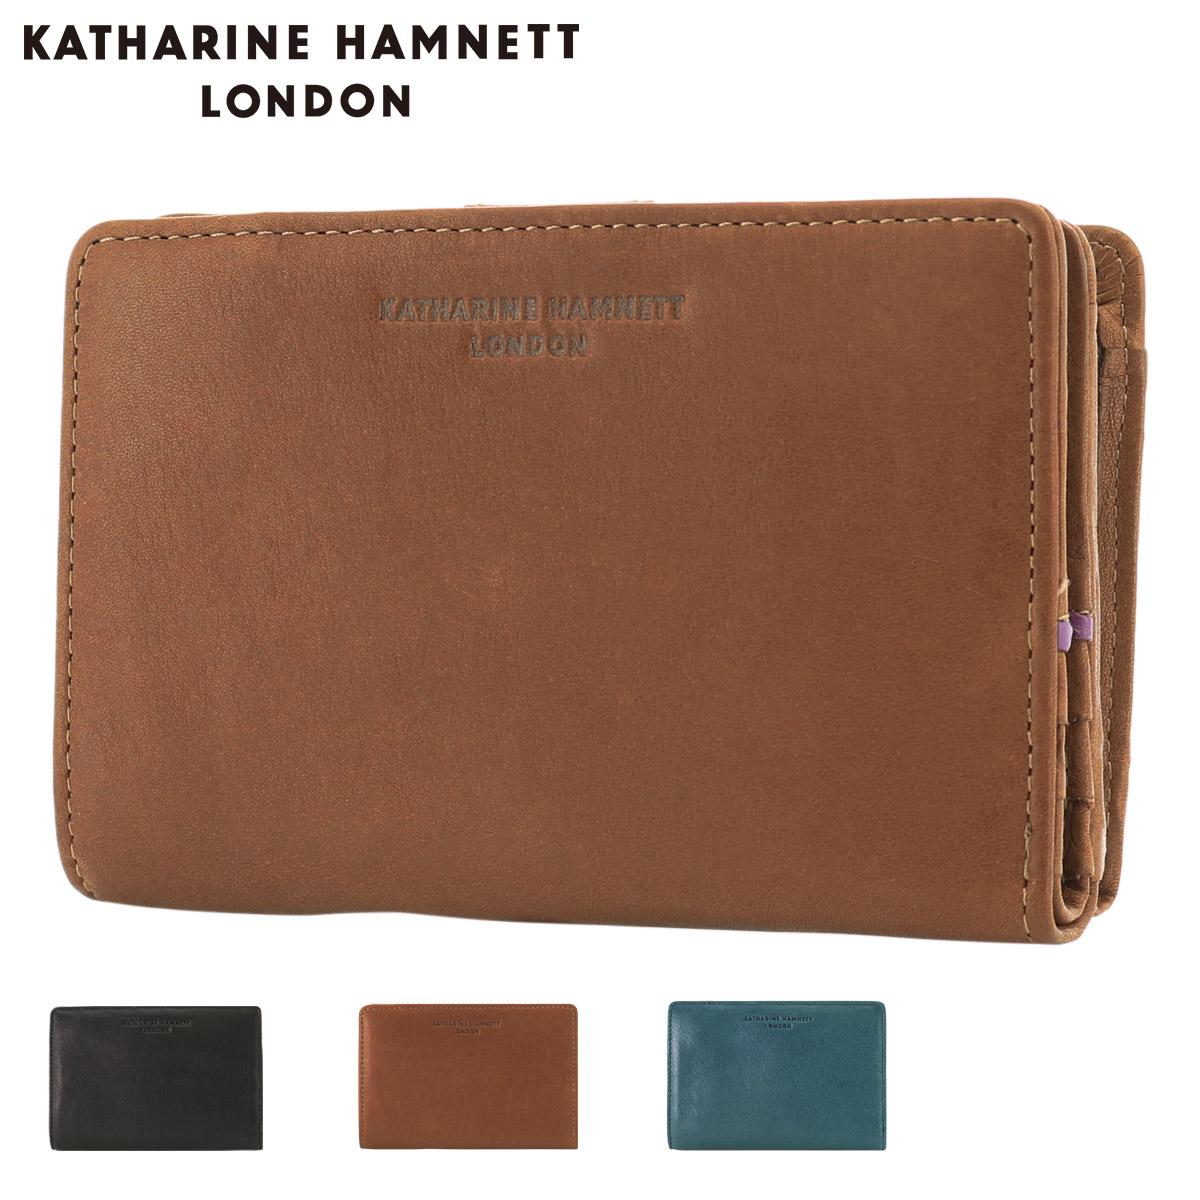 キャサリンハムネット 二つ折り財布 ソフト メンズ 490-57004 KATHARINE HAMNETT   牛革 本革 レザー[PO10]